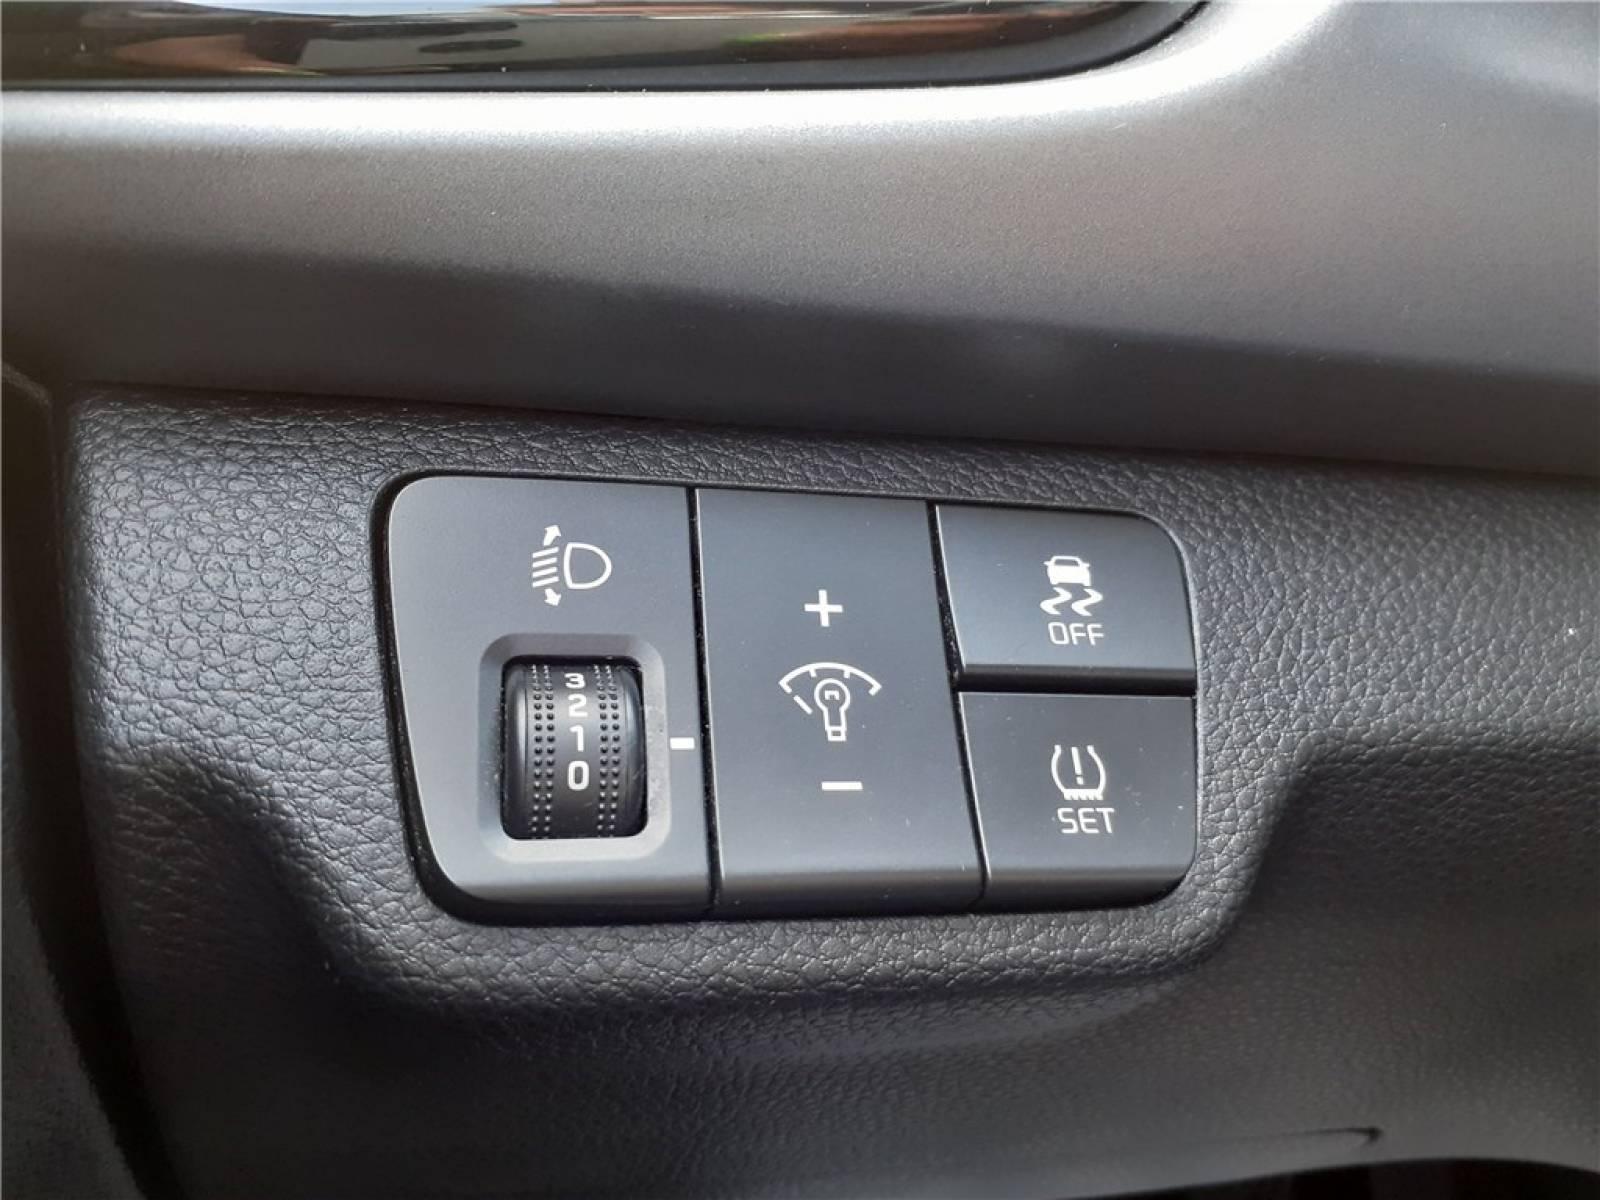 KIA Rio Business 1.2L 84 ch ISG - véhicule d'occasion - Groupe Guillet - Opel Magicauto - Montceau-les-Mines - 71300 - Montceau-les-Mines - 36